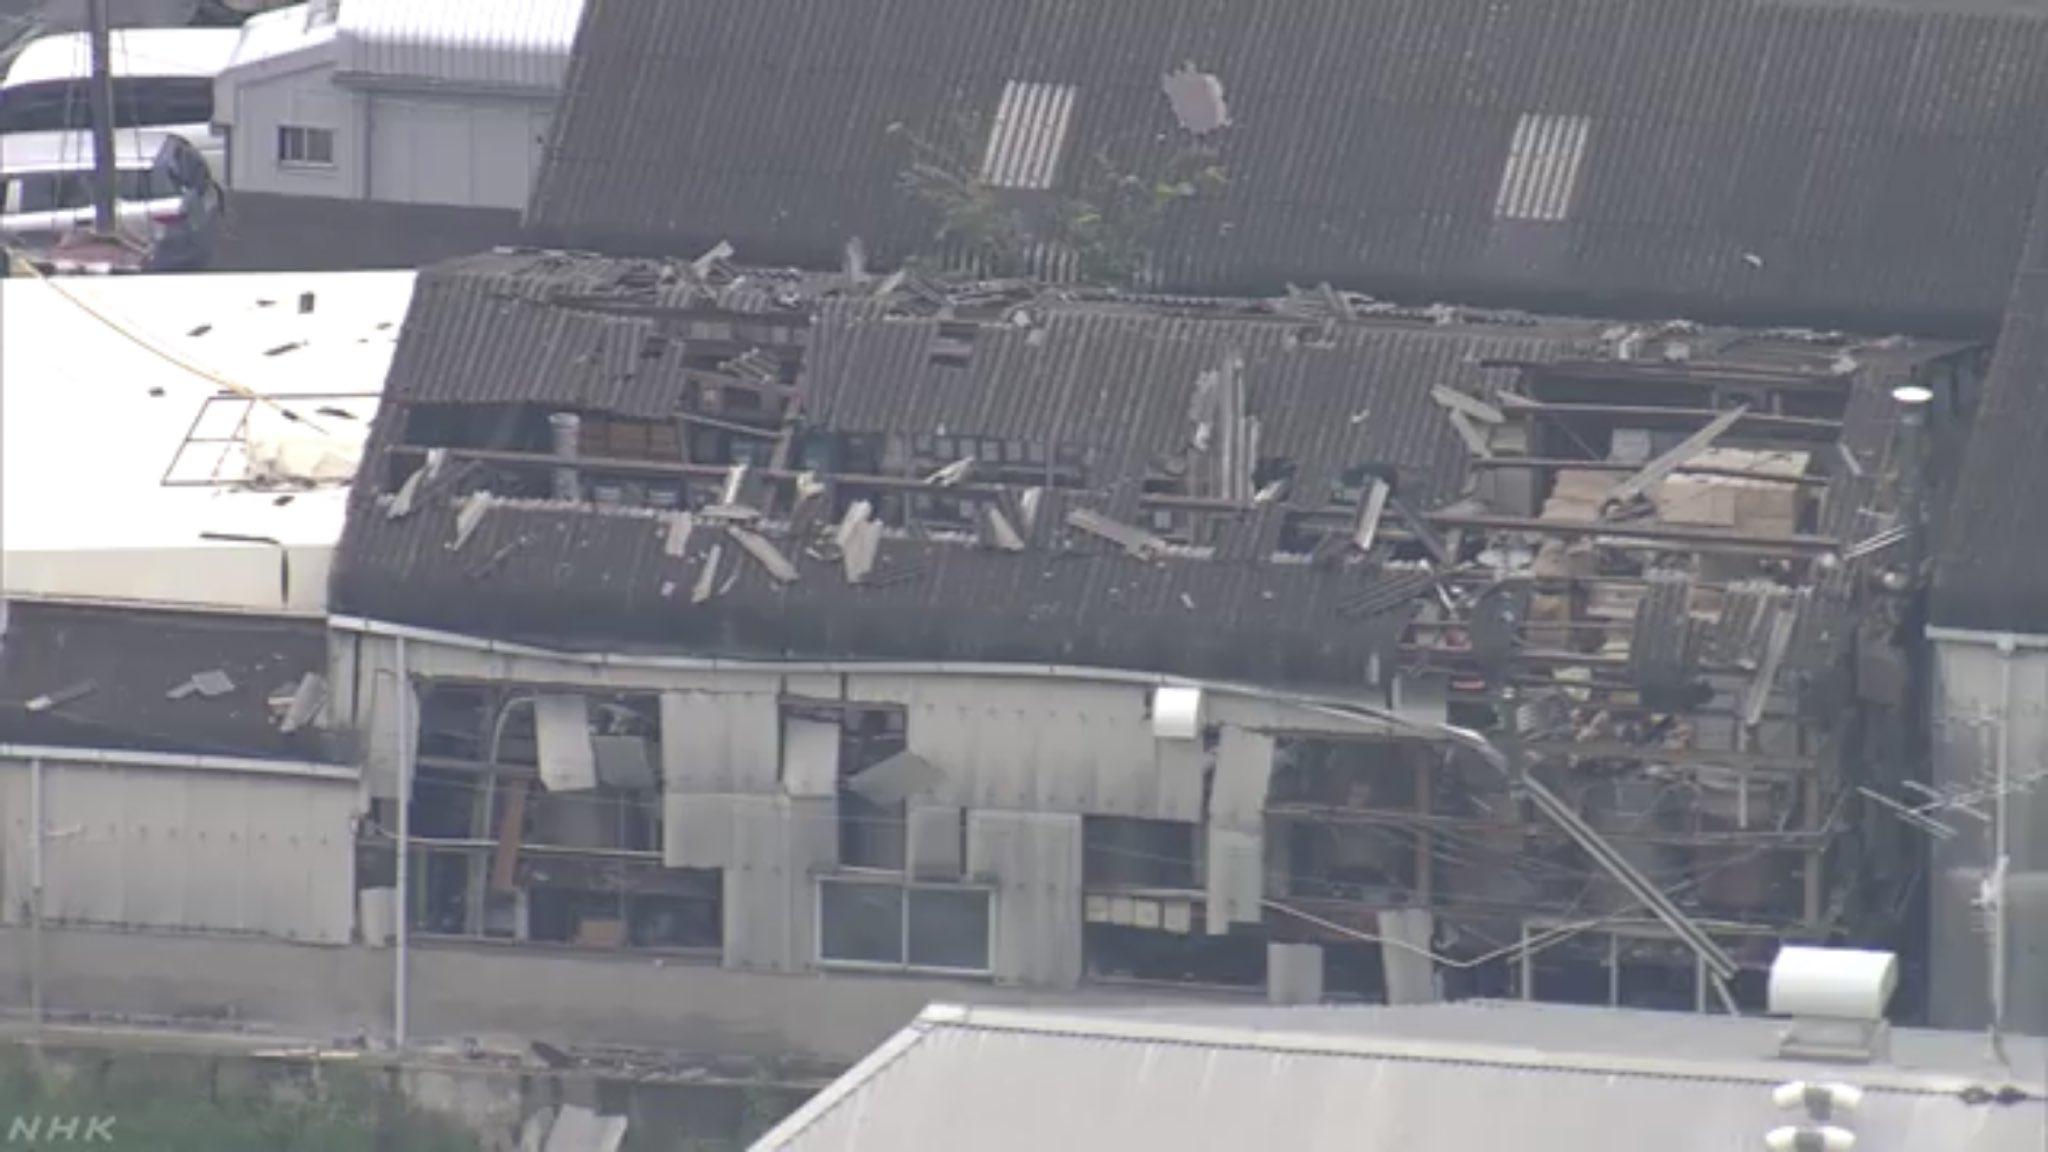 名古屋市西区新木町の工場で爆発事故が起きた現場の画像